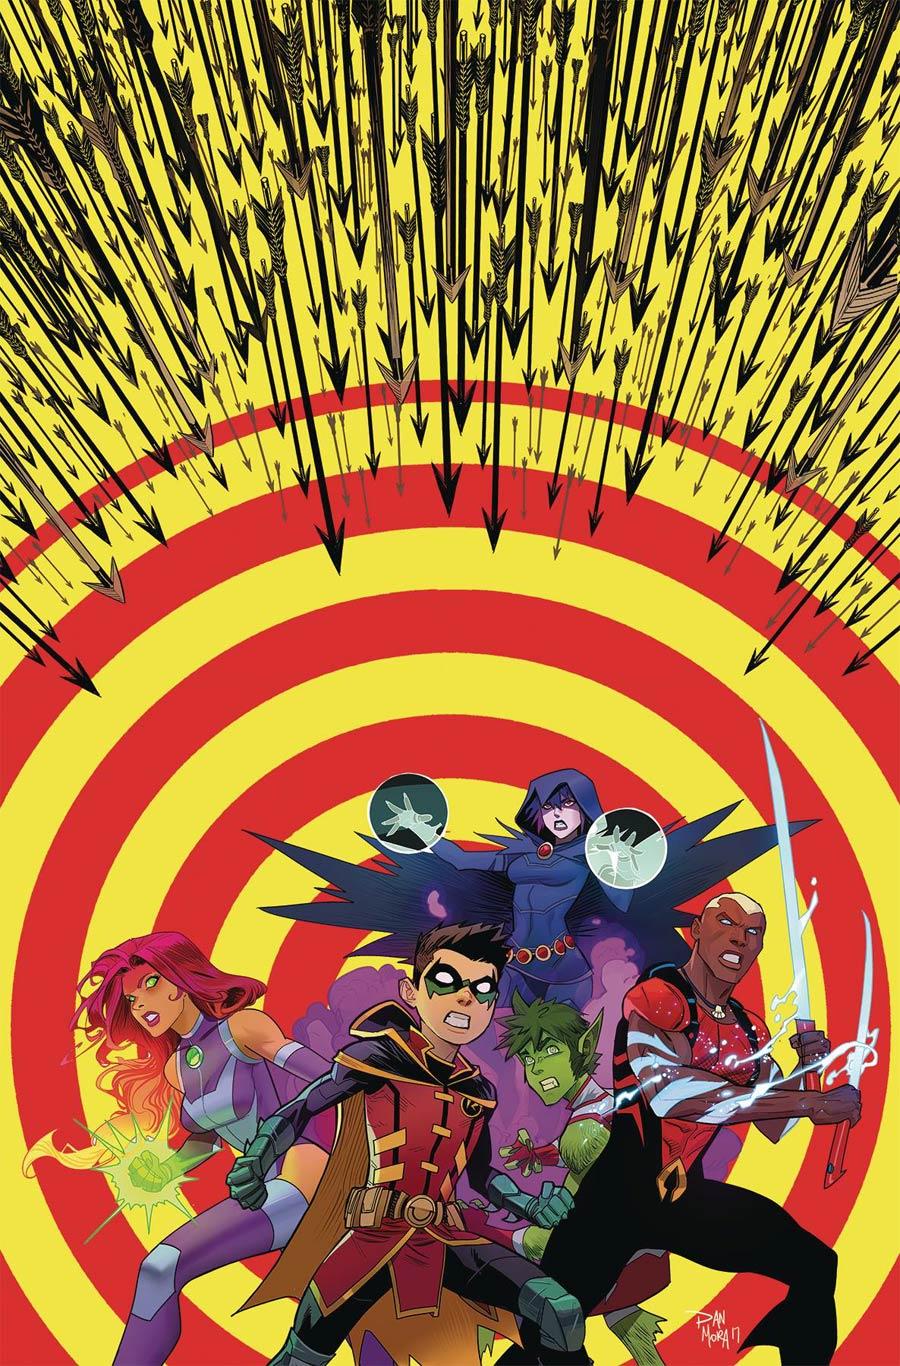 Teen Titans Vol 6 #13 Cover A Regular Dan Mora Cover